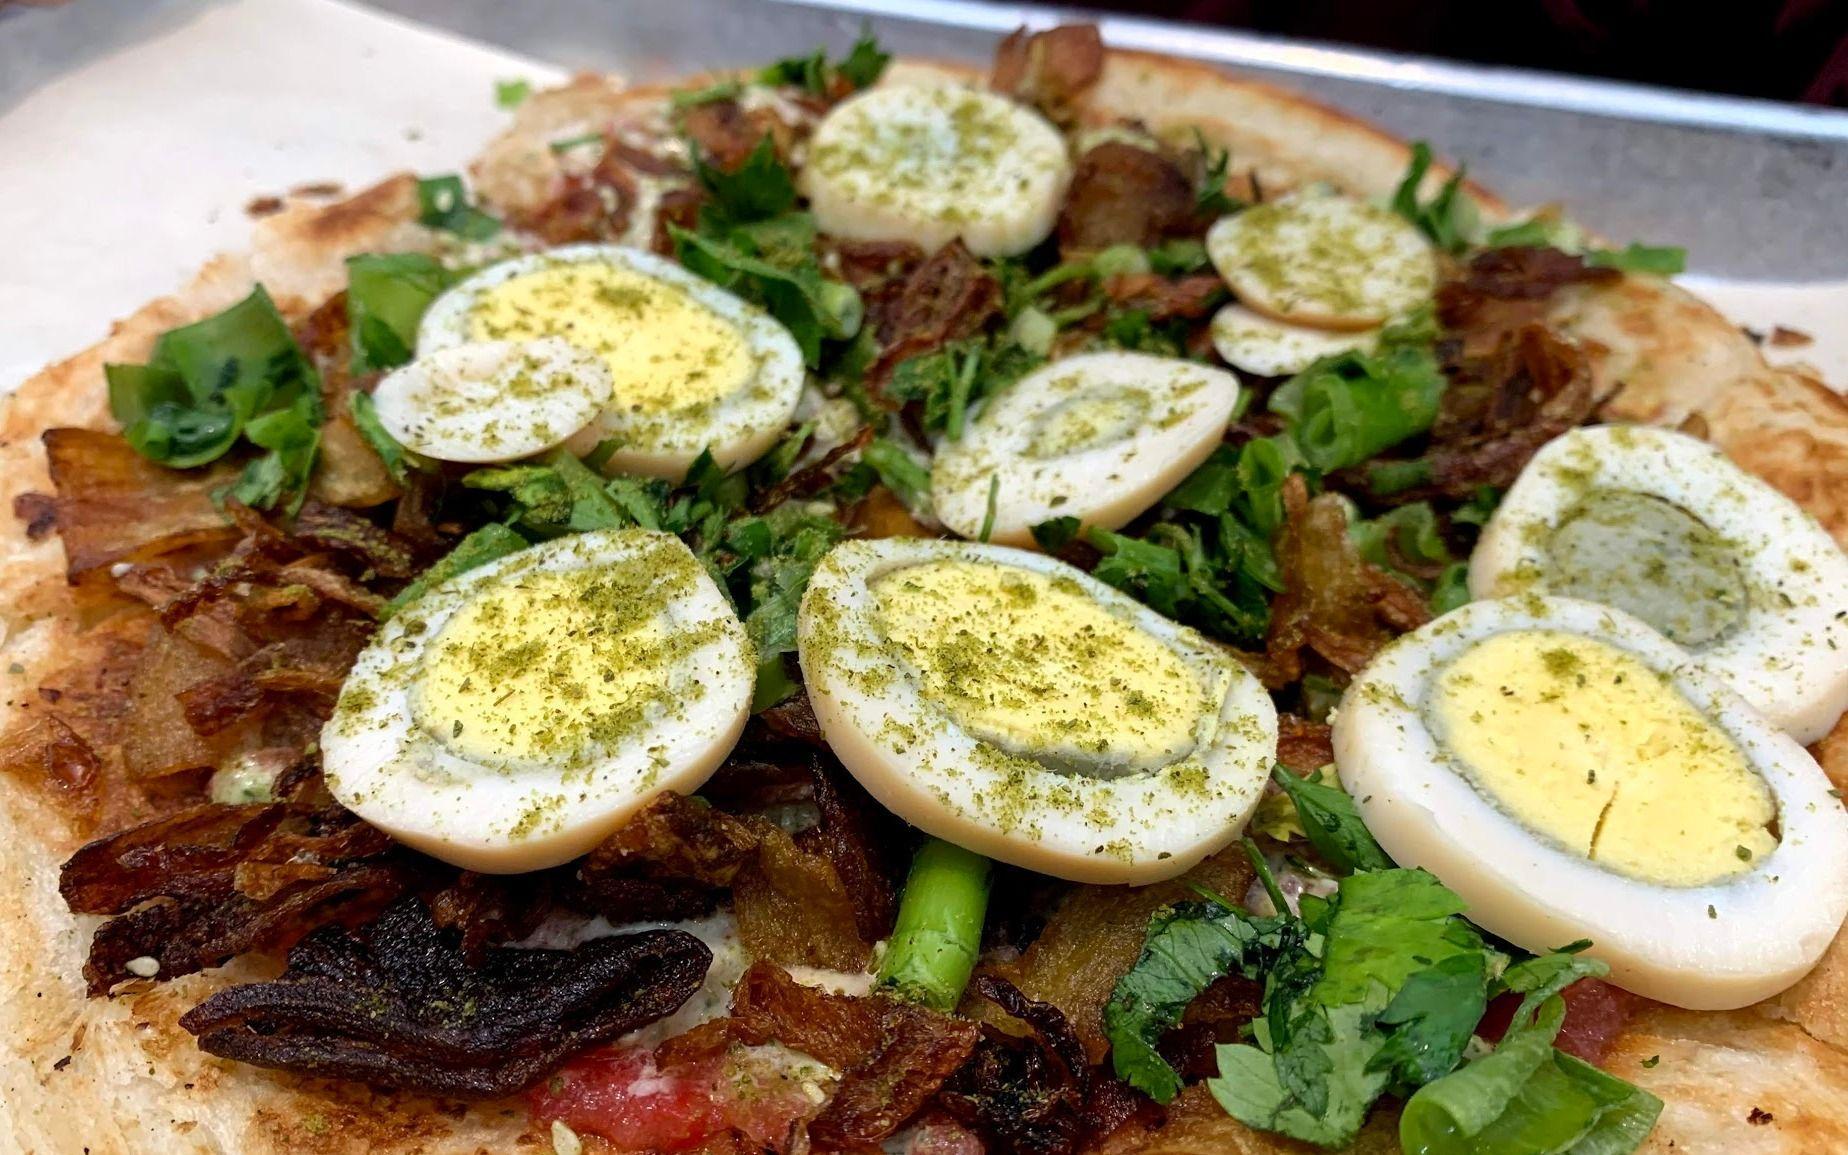 סיור גרפודיז בירושלים- סיור אוכל וגרפיטי במרכז הירושלמית